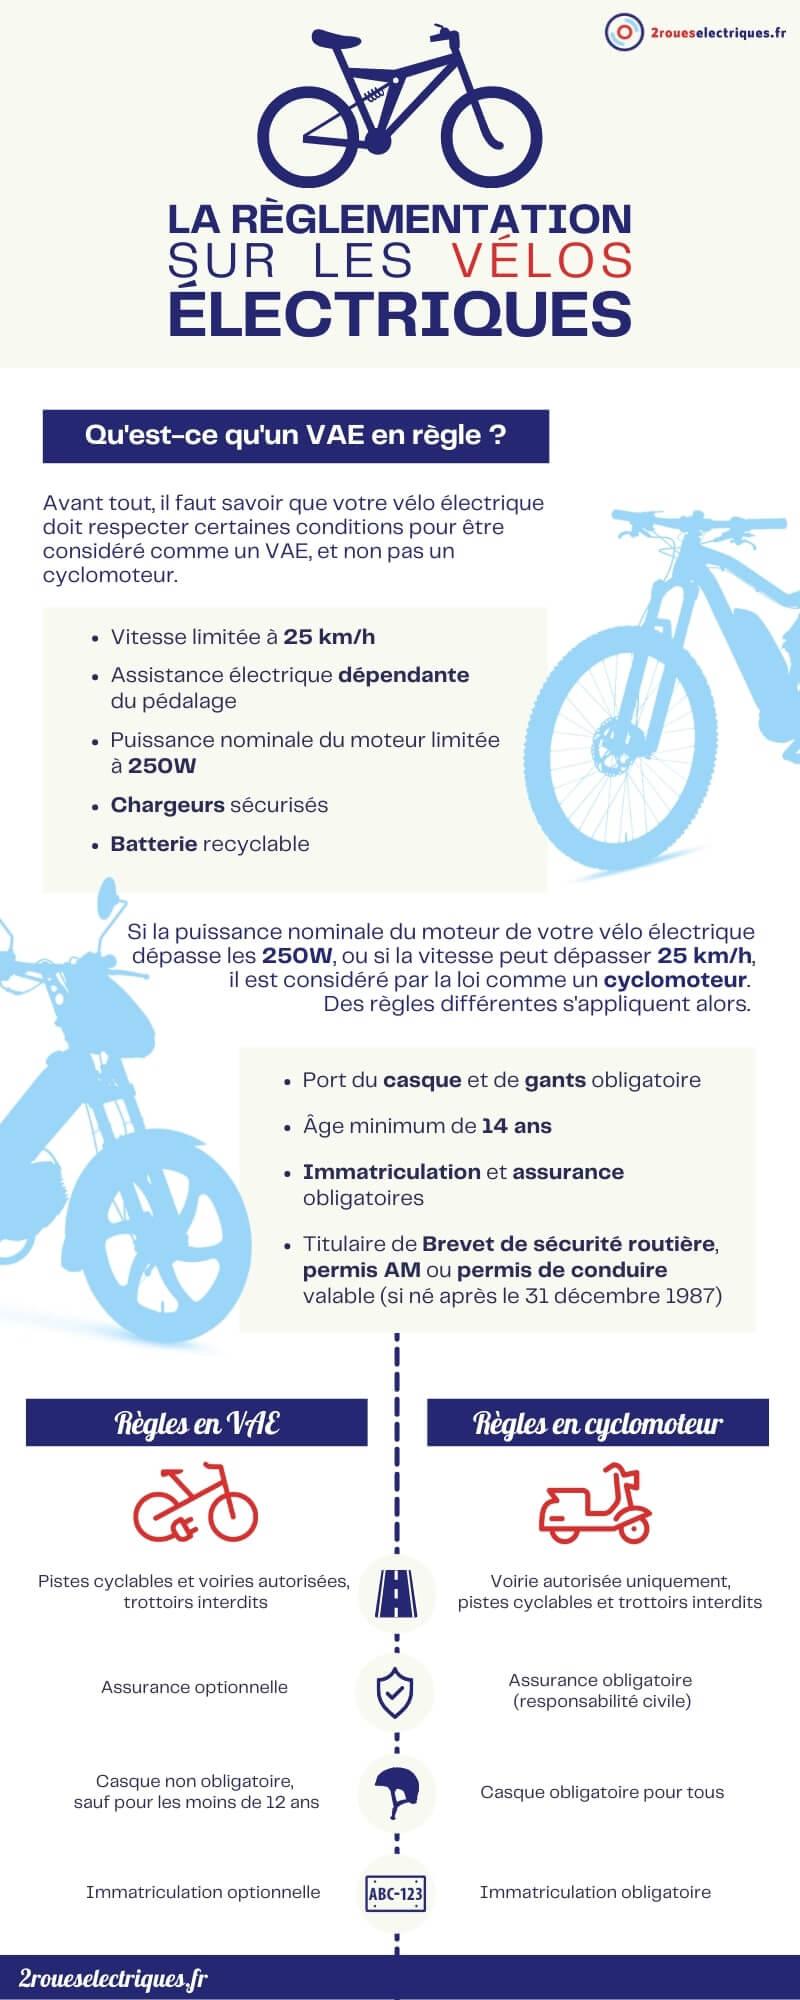 Règlementation vélo électrique : infographie 2roueselectriques